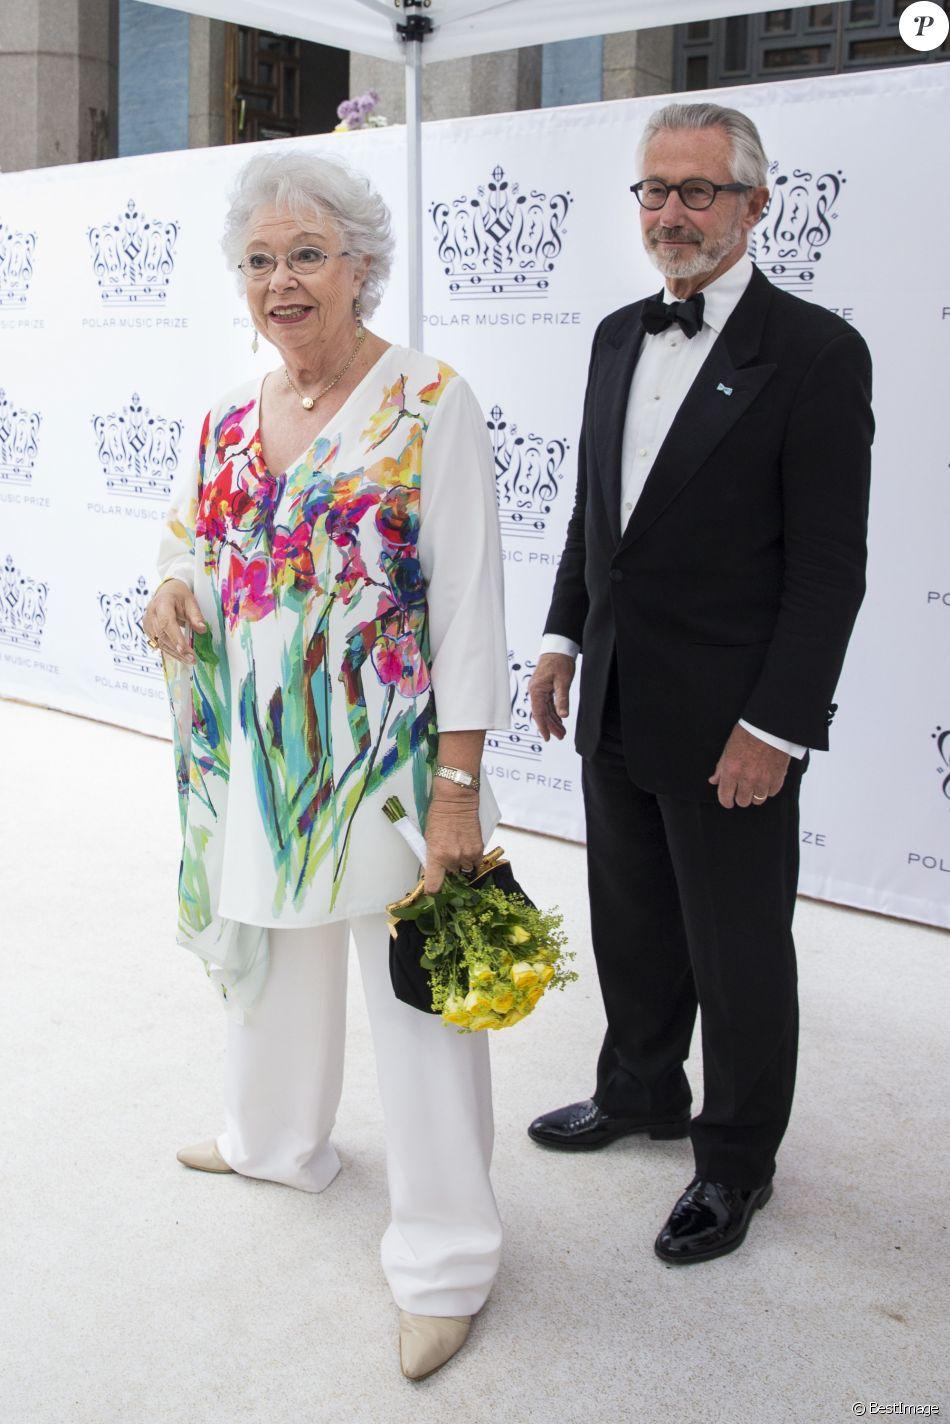 """La princesse Christina de Suède et son mari Tord Magnuson à la remise de prix """"Polar Music Prize 2016"""" à Stockholm en Suède le 16 juin 2016."""